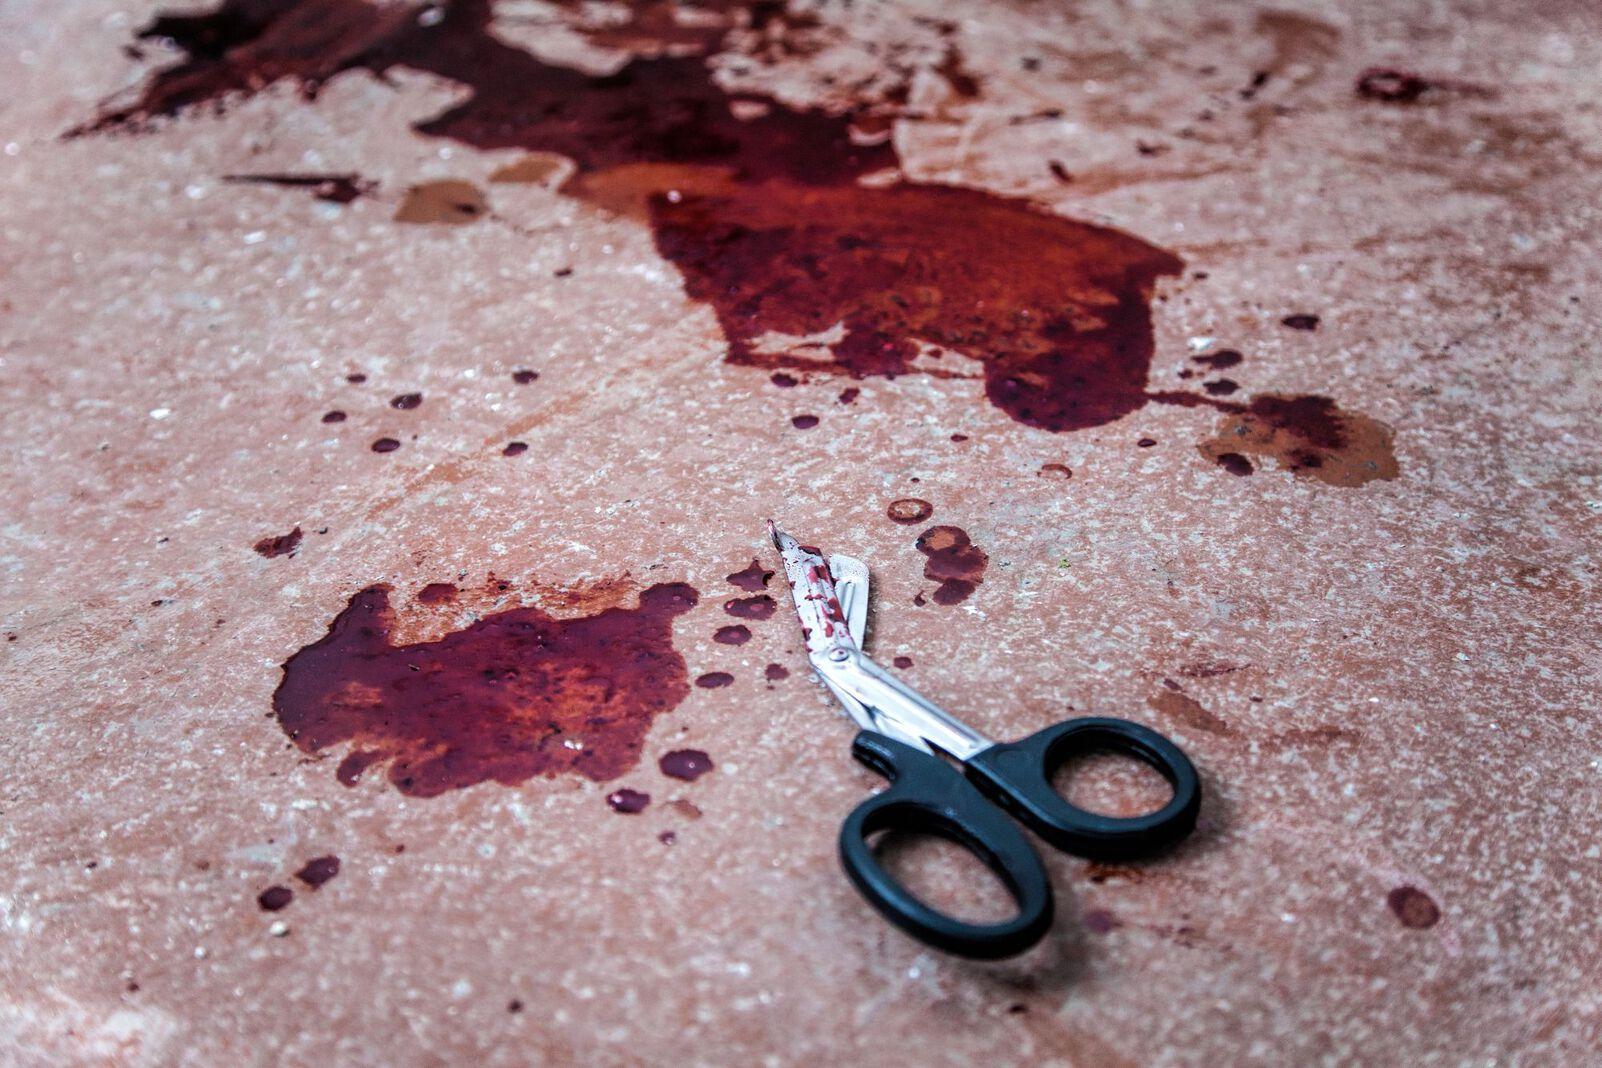 Schere Blut